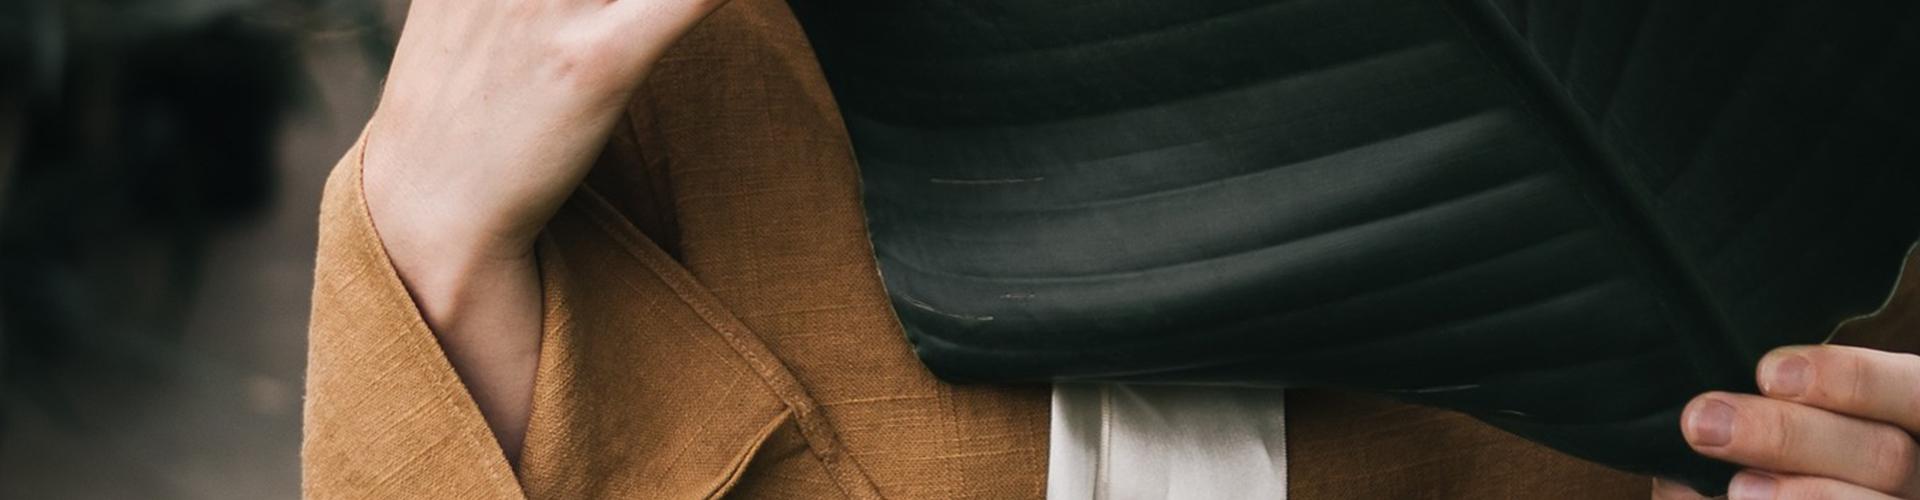 버터럼 브랜드 이미지1